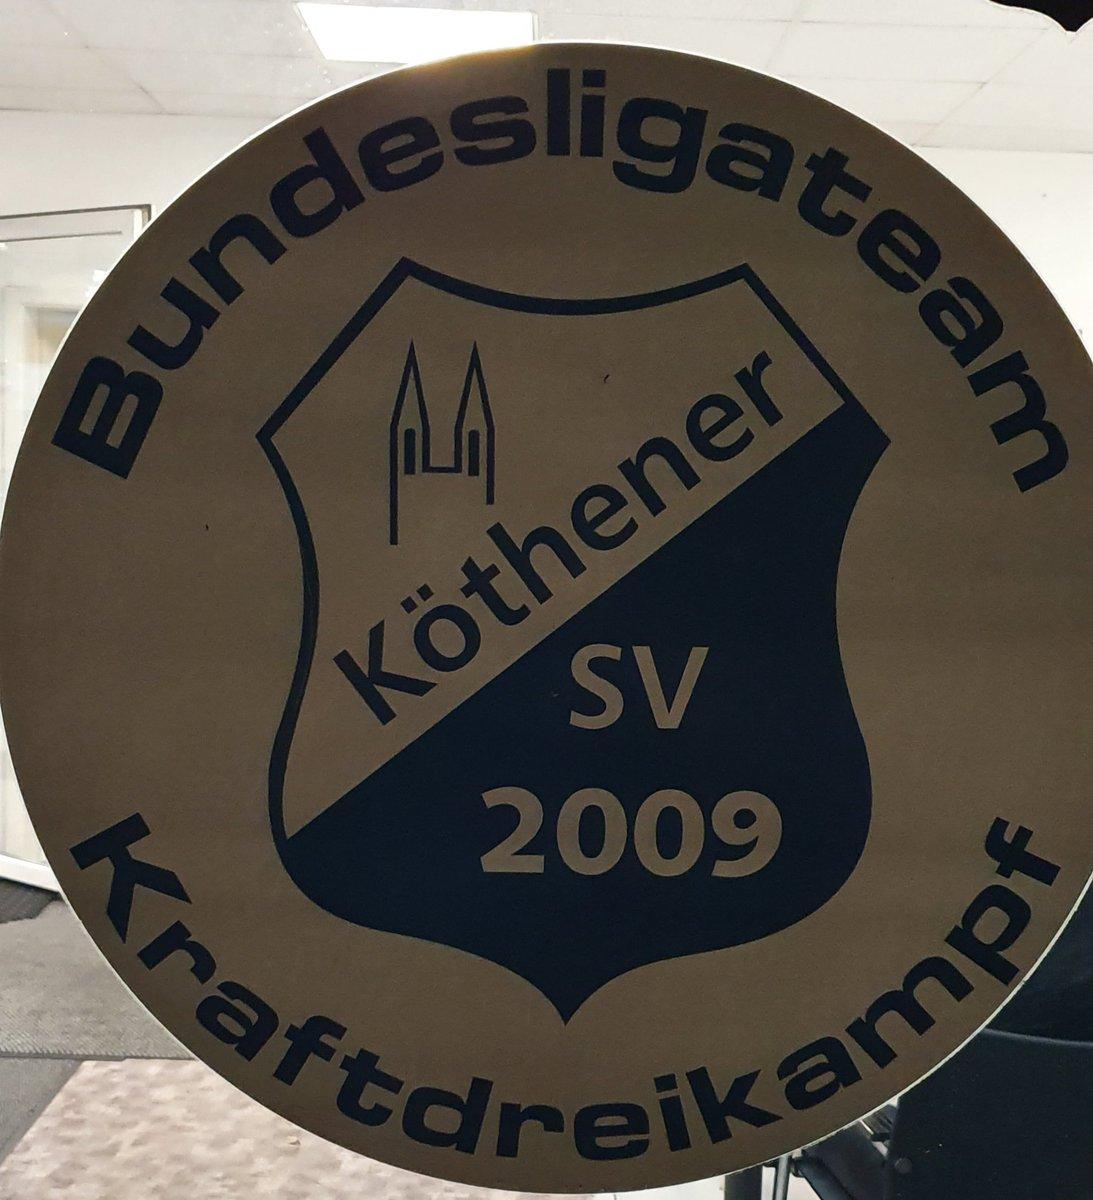 Termine für die Bundesliga im Kraftdreikampf des KSV 09 18.1. in Bautzen  04.4. in Klötze  16.5. in Köthen pic.twitter.com/KGzrITu5yw